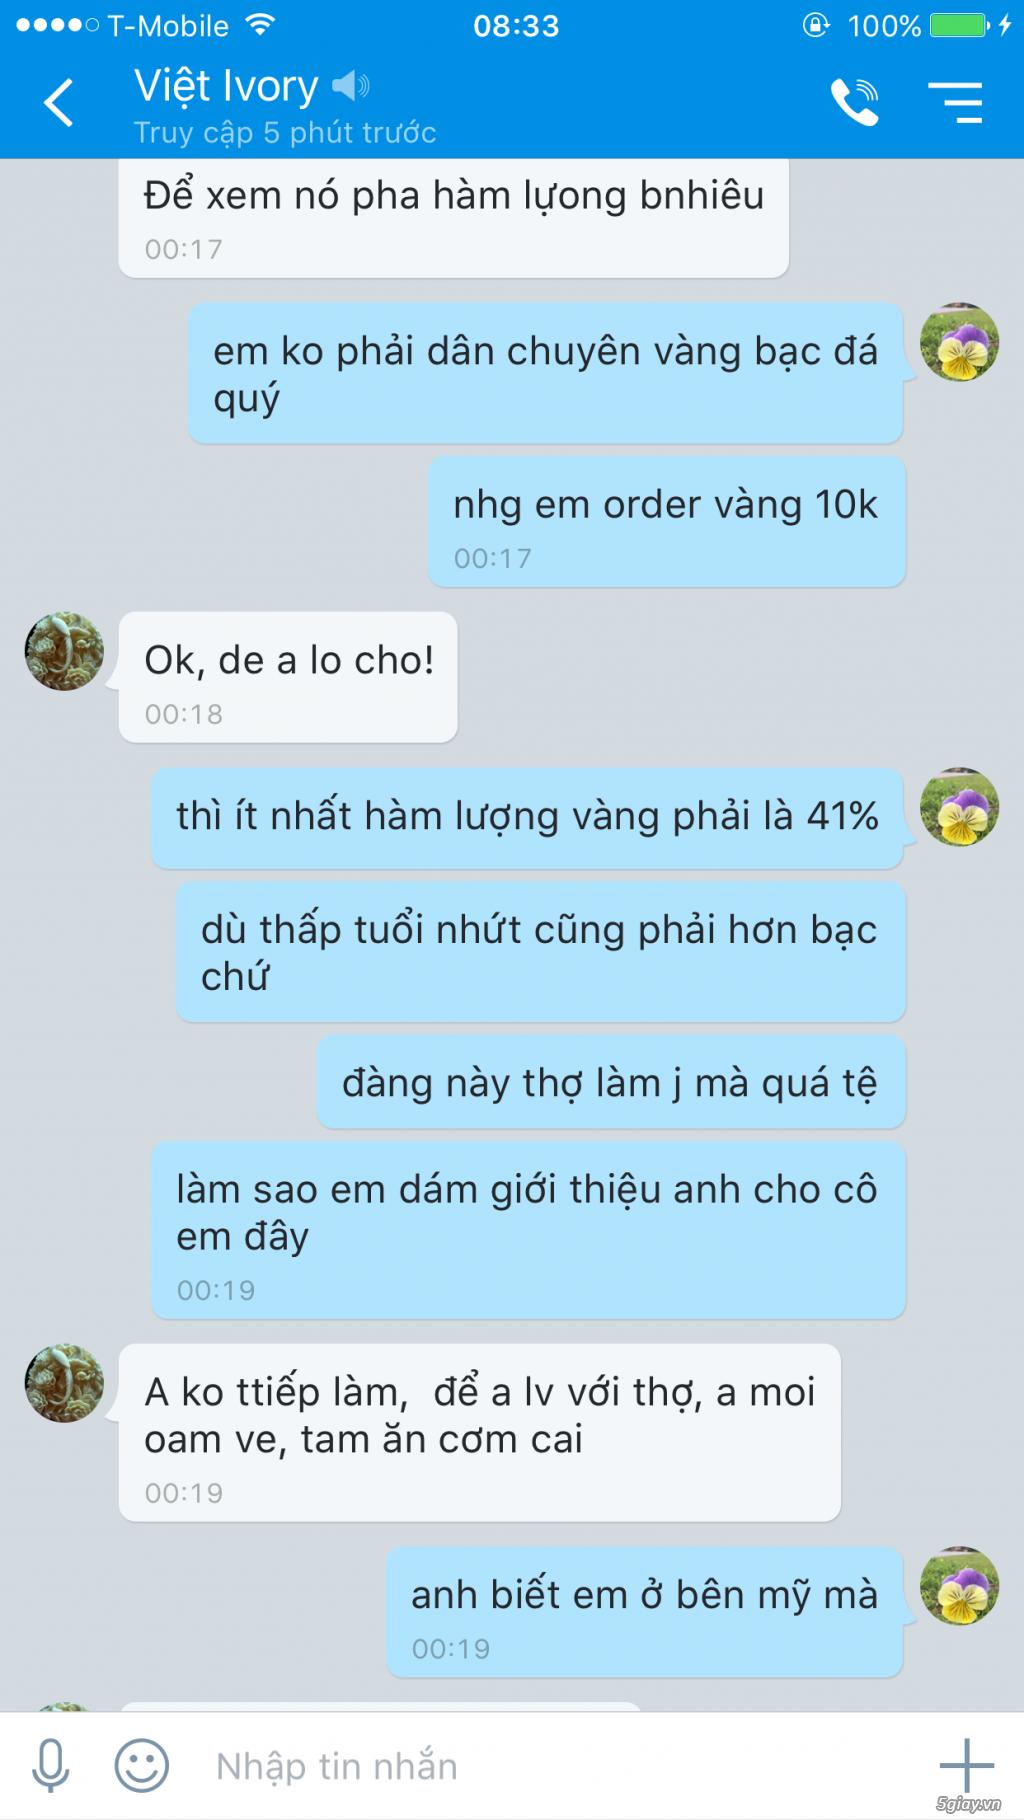 Việt Ivory lừa đảo, mọi người cảnh giác! - 4